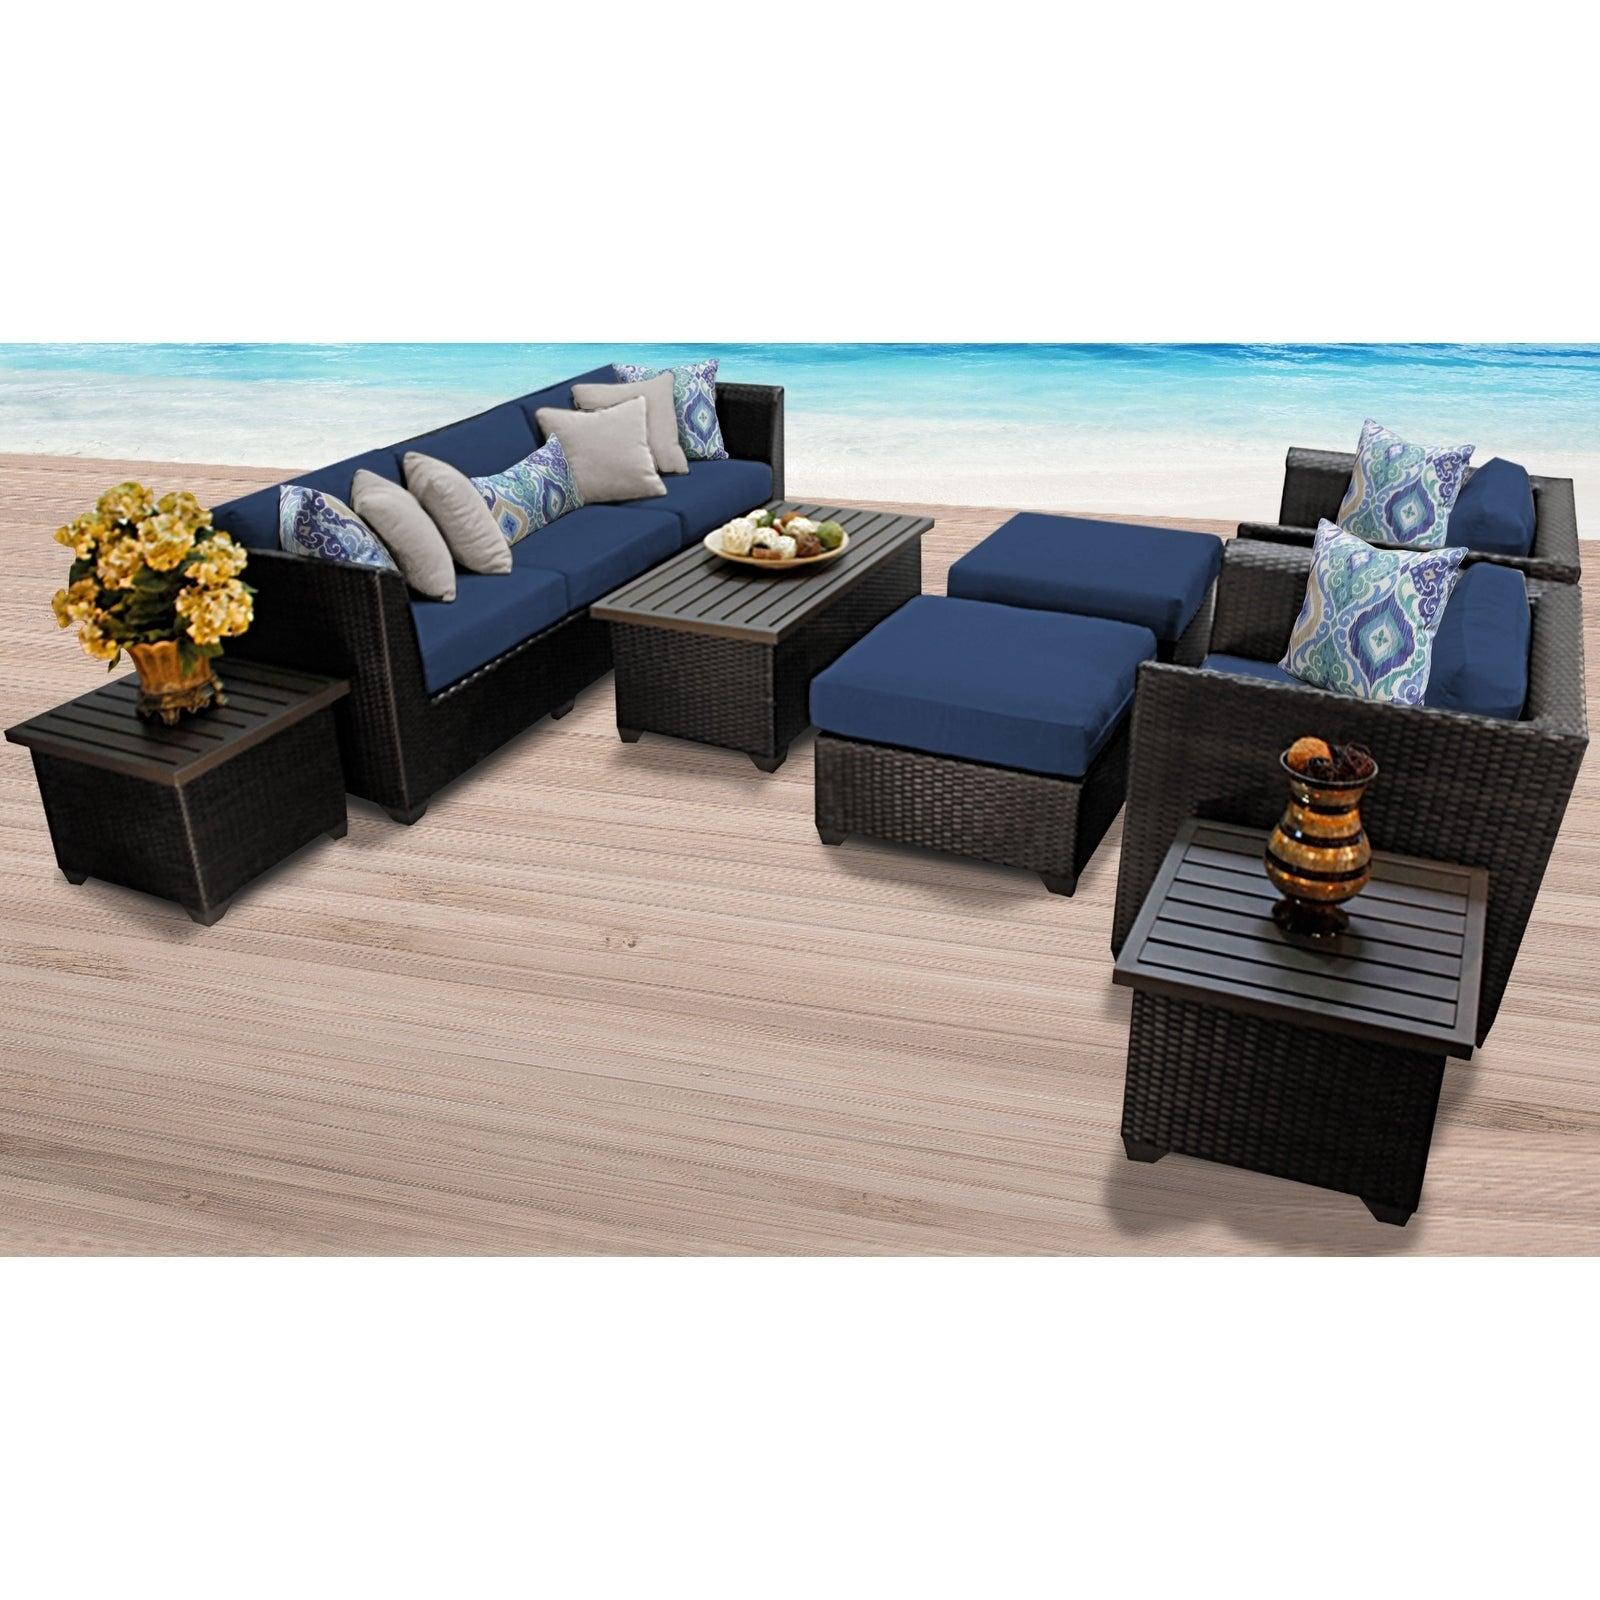 Barbados 10 Piece Outdoor Wicker Patio Furniture Set 10c